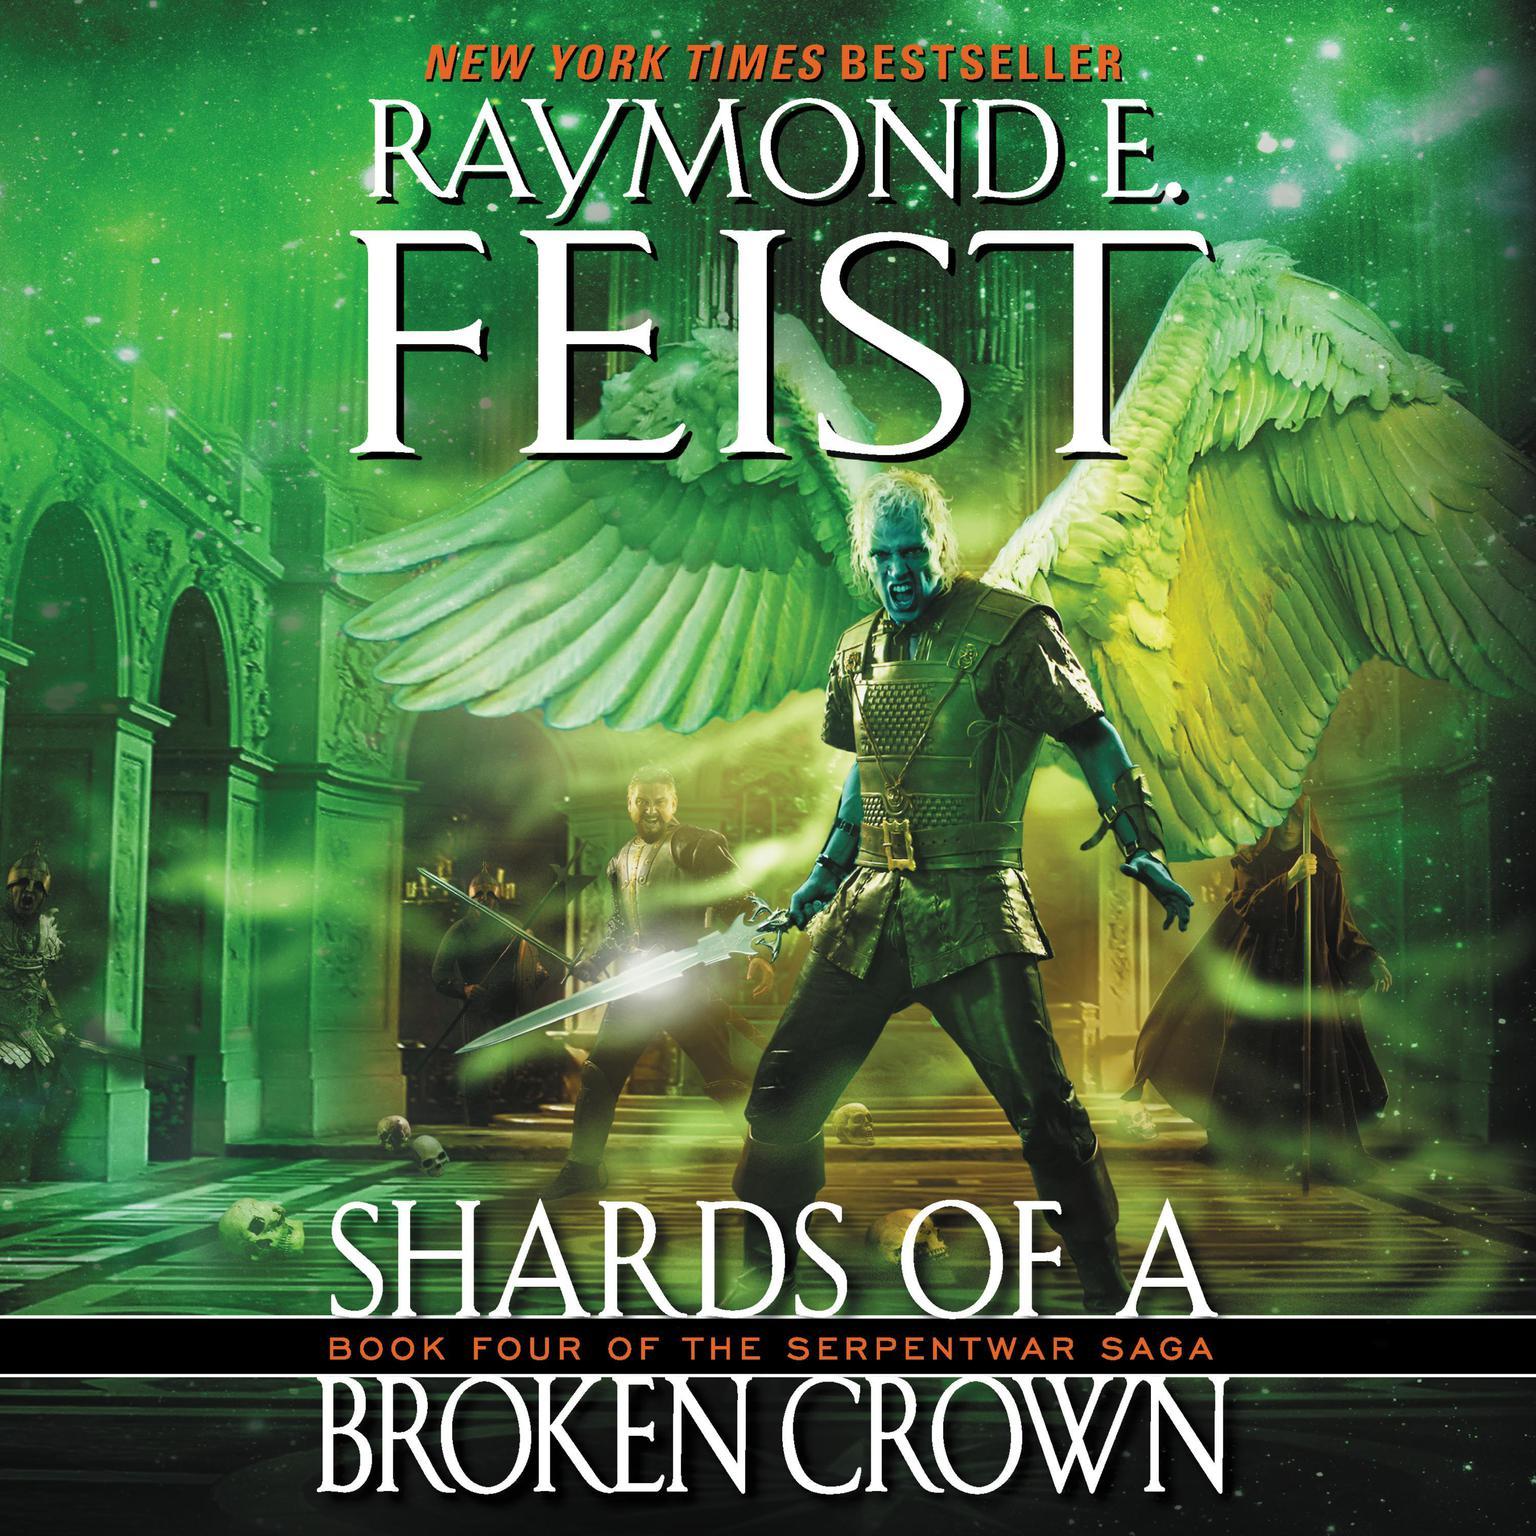 Shards of a Broken Crown: Book Four of the Serpentwar Saga Audiobook, by Raymond E. Feist